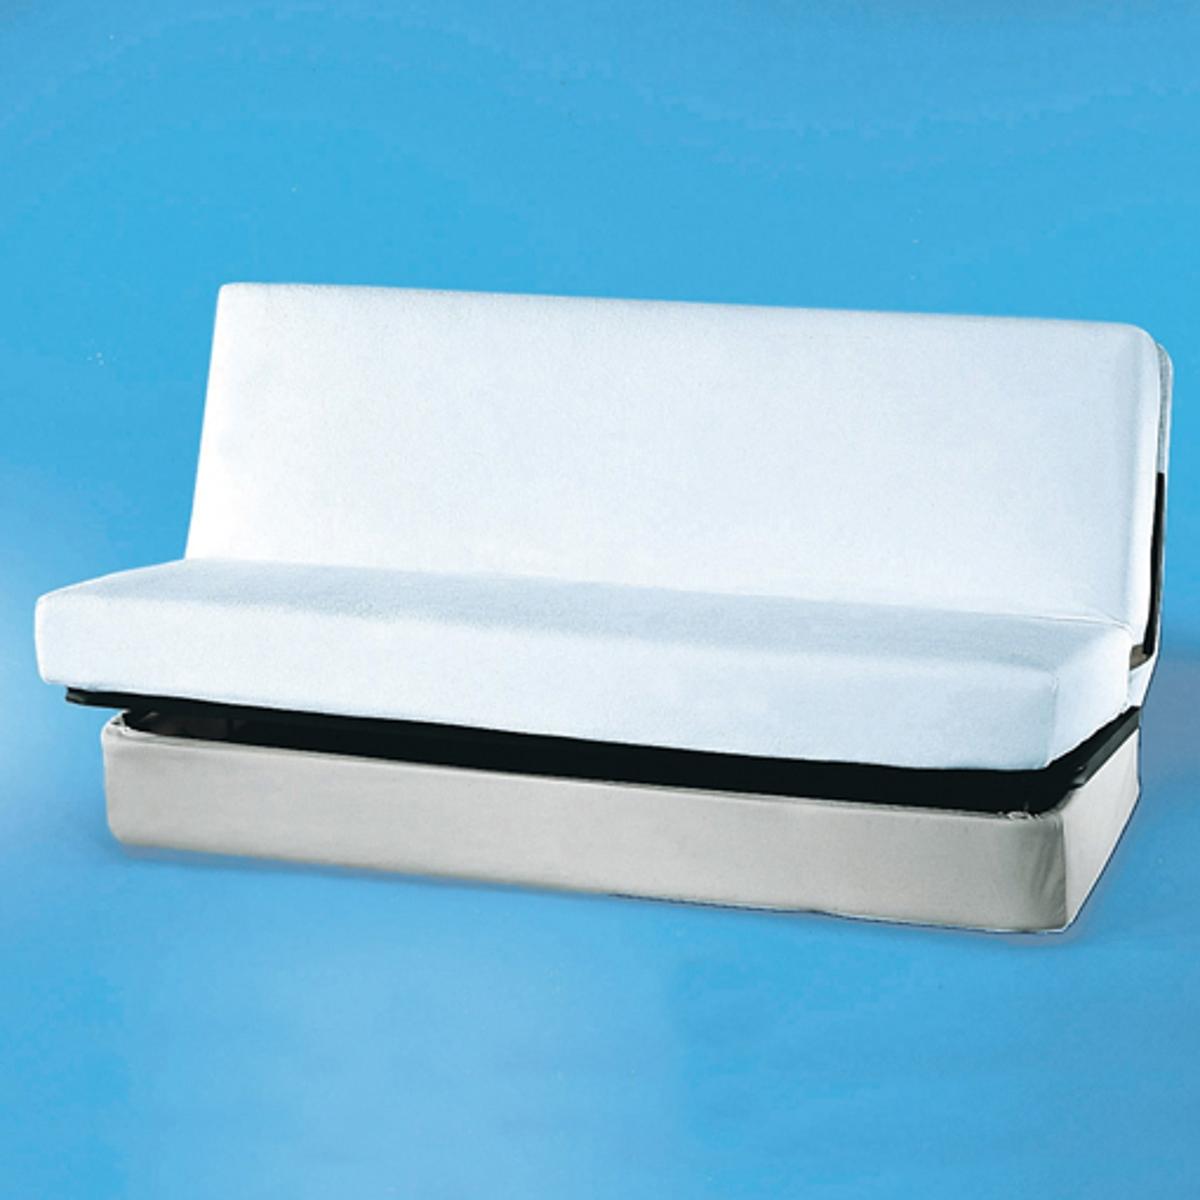 цена на Чехол La Redoute Защитный для матраса клик-кляк махровая ткань с непромокаемым покрытием из полиуретана 130 x 190 см белый